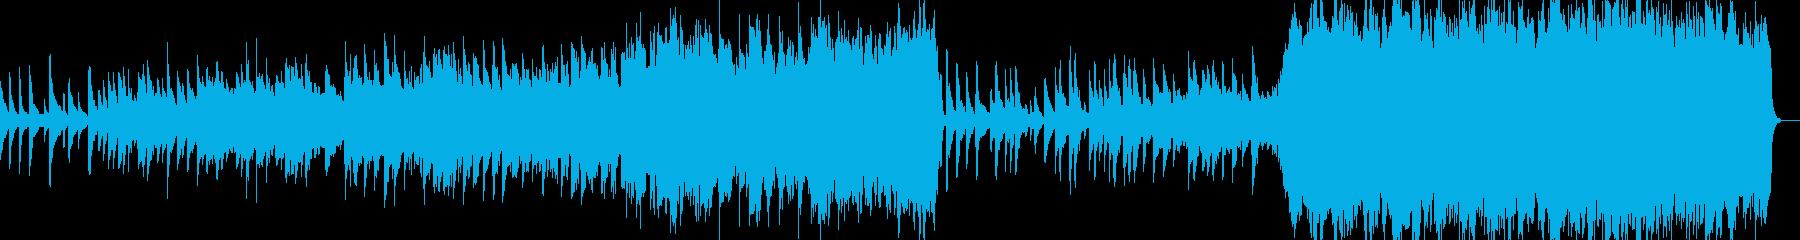 映画のエンドロール風クラシカルBGMの再生済みの波形